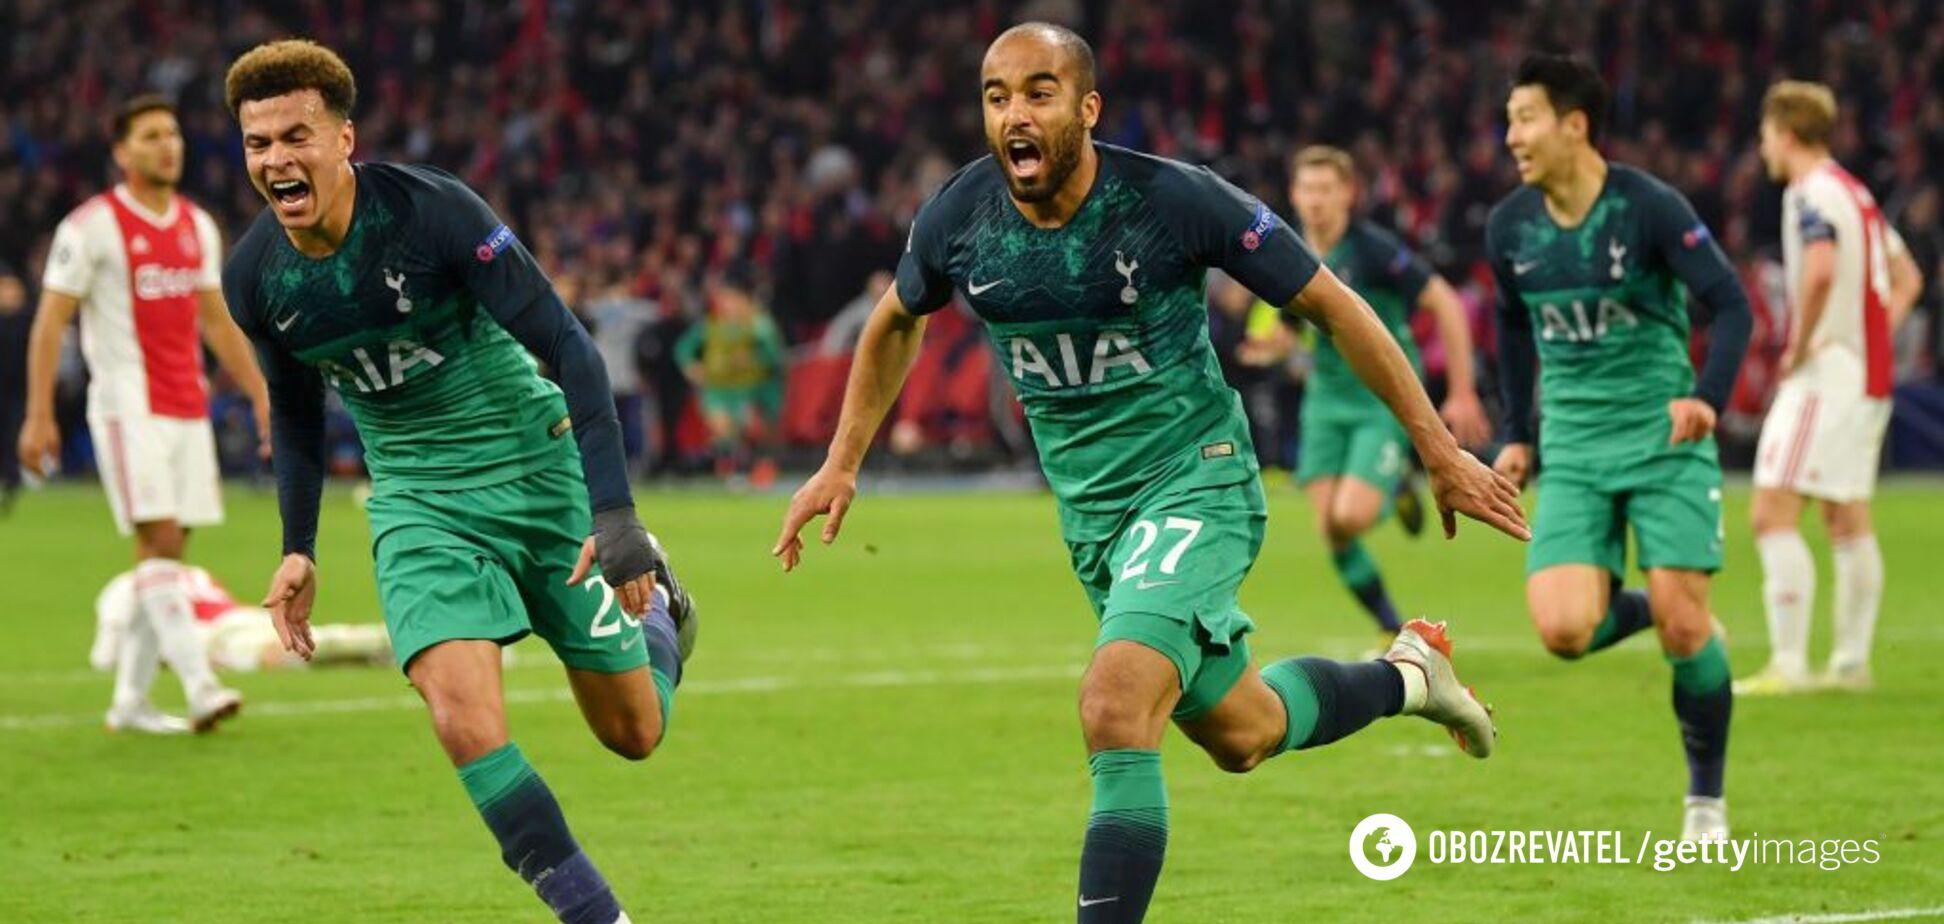 Неймовірний камбек: 'Тоттенхем' забив 'Аяксу' на останній секунді та вийшов у фінал Ліги чемпіонів